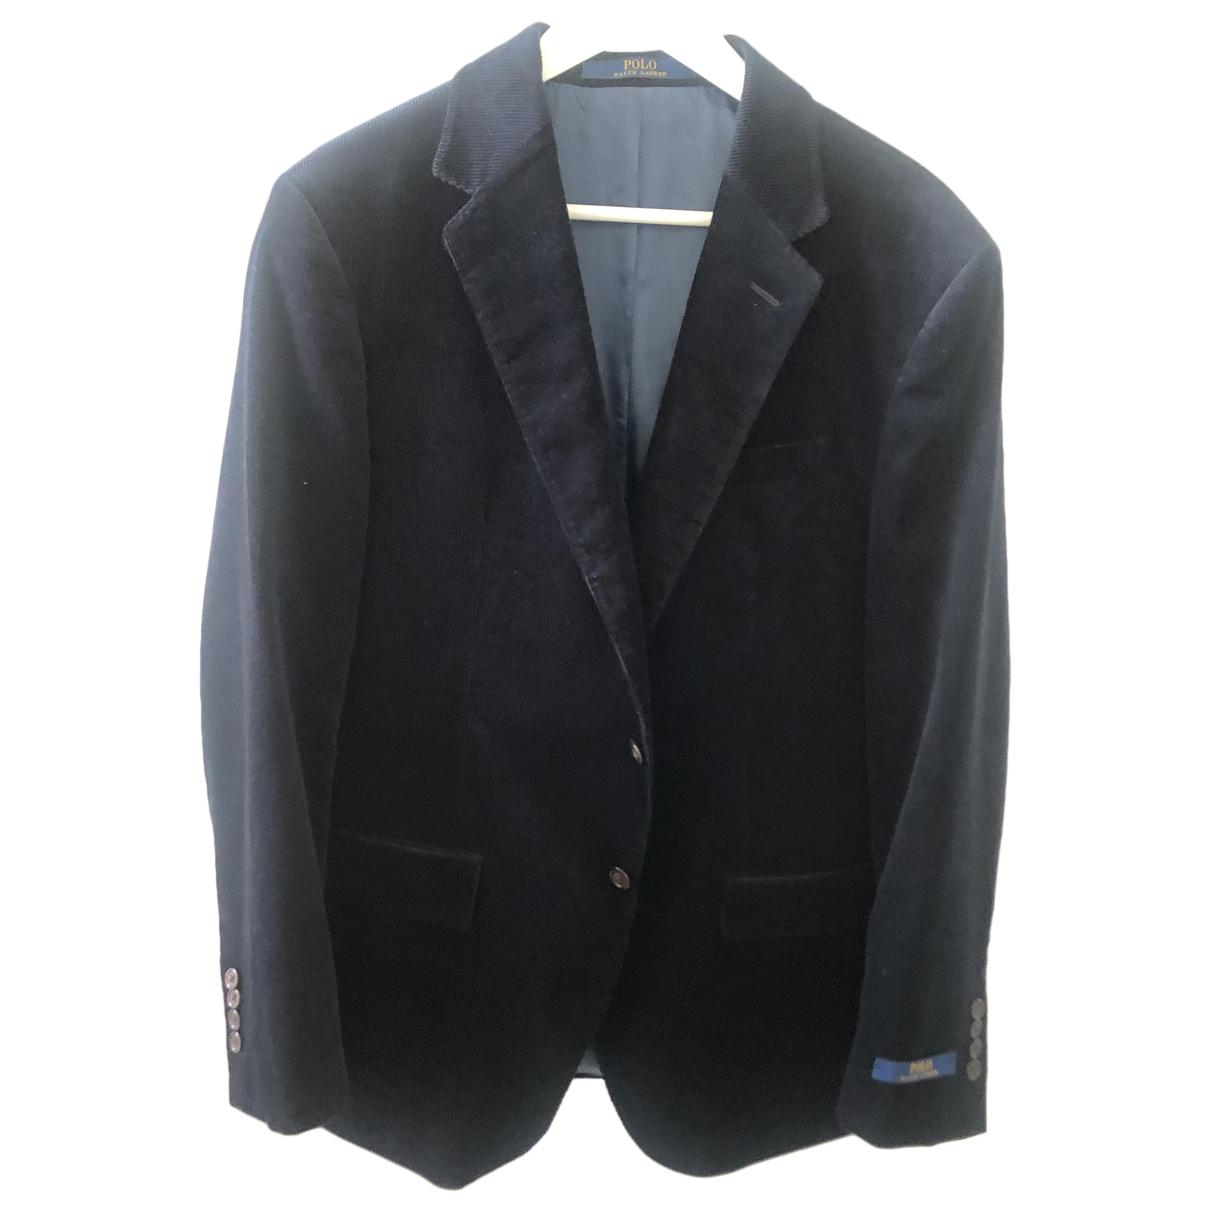 Polo Ralph Lauren - Vestes.Blousons   pour homme - marine